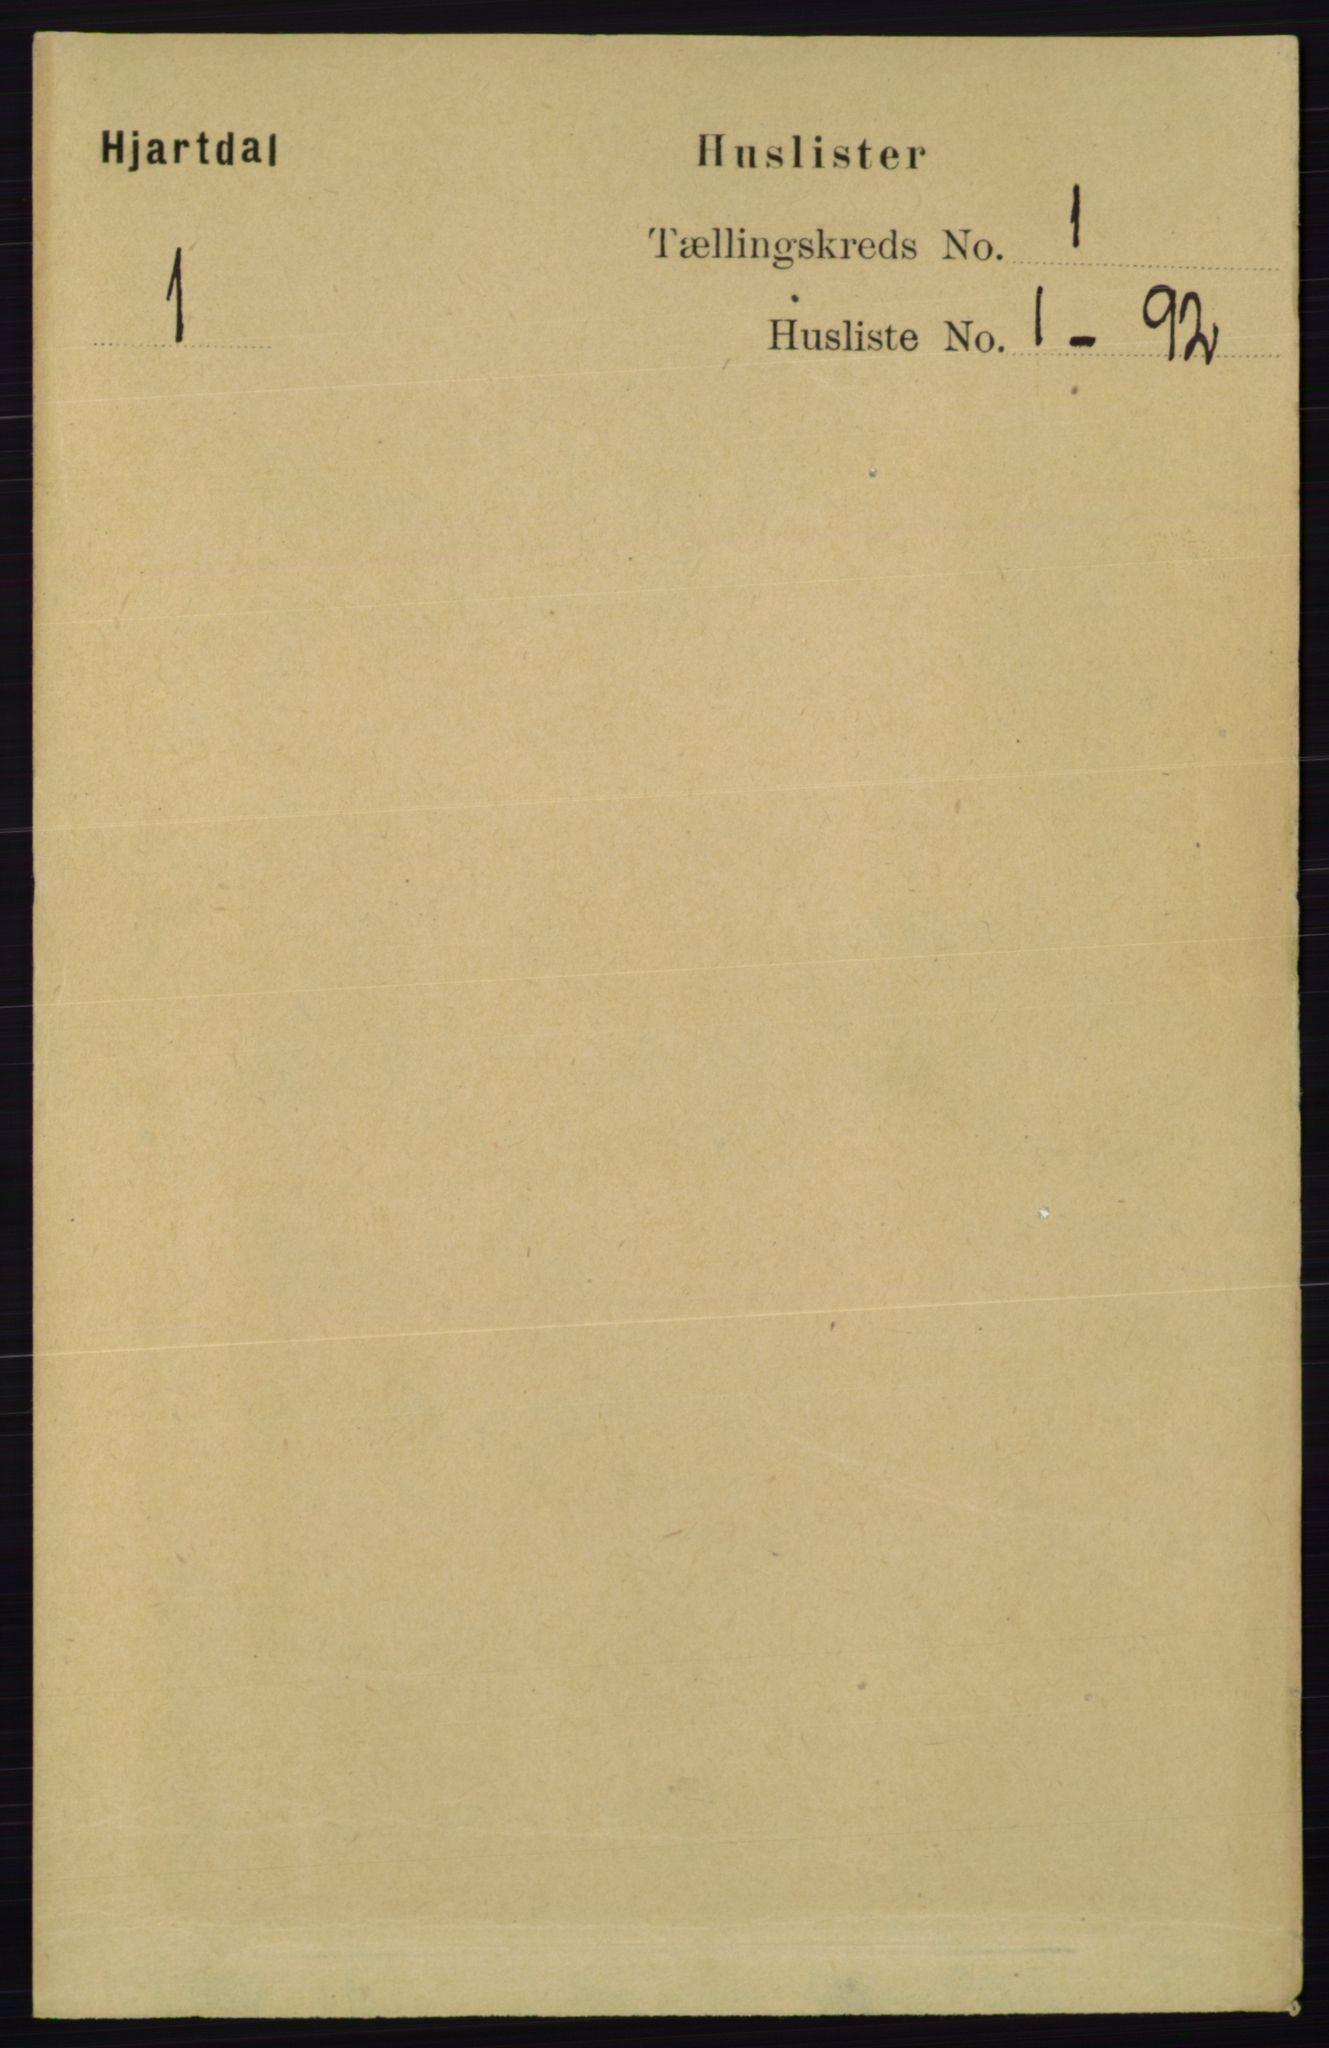 RA, Folketelling 1891 for 0827 Hjartdal herred, 1891, s. 24